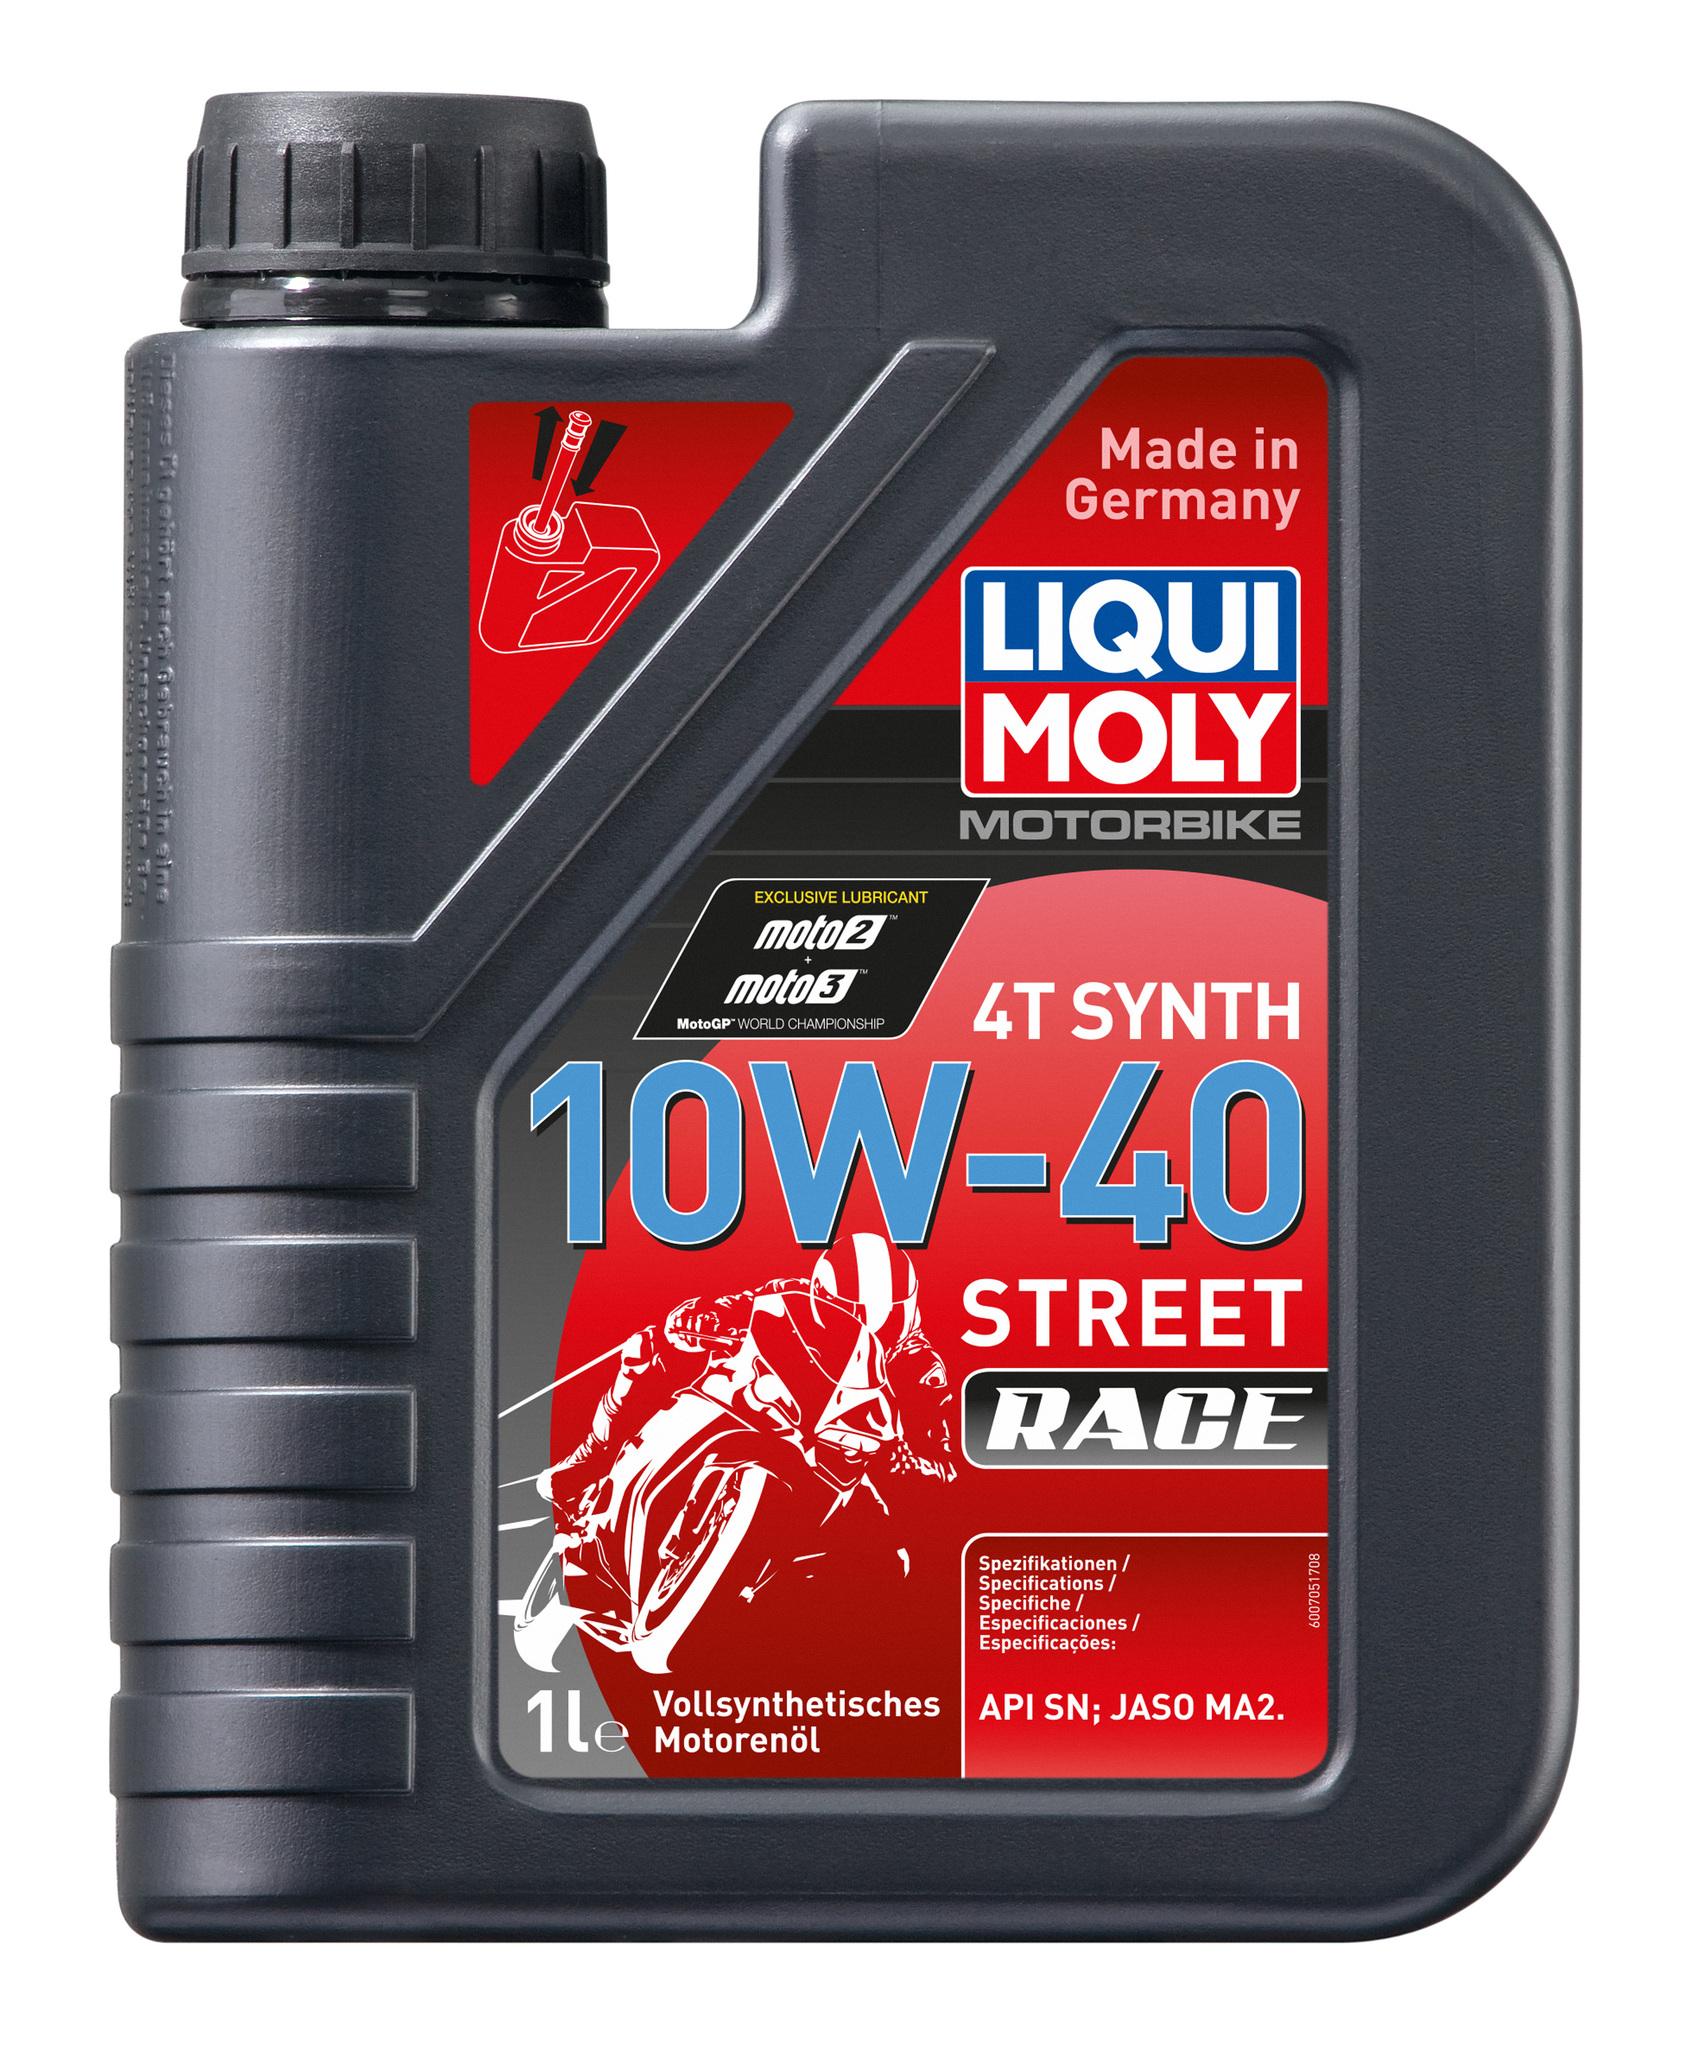 Liqui Moly Motorbike 4T Synth Street Race 10w40 Синтетическое моторное масло для 4-тактных мотоциклов + подарок